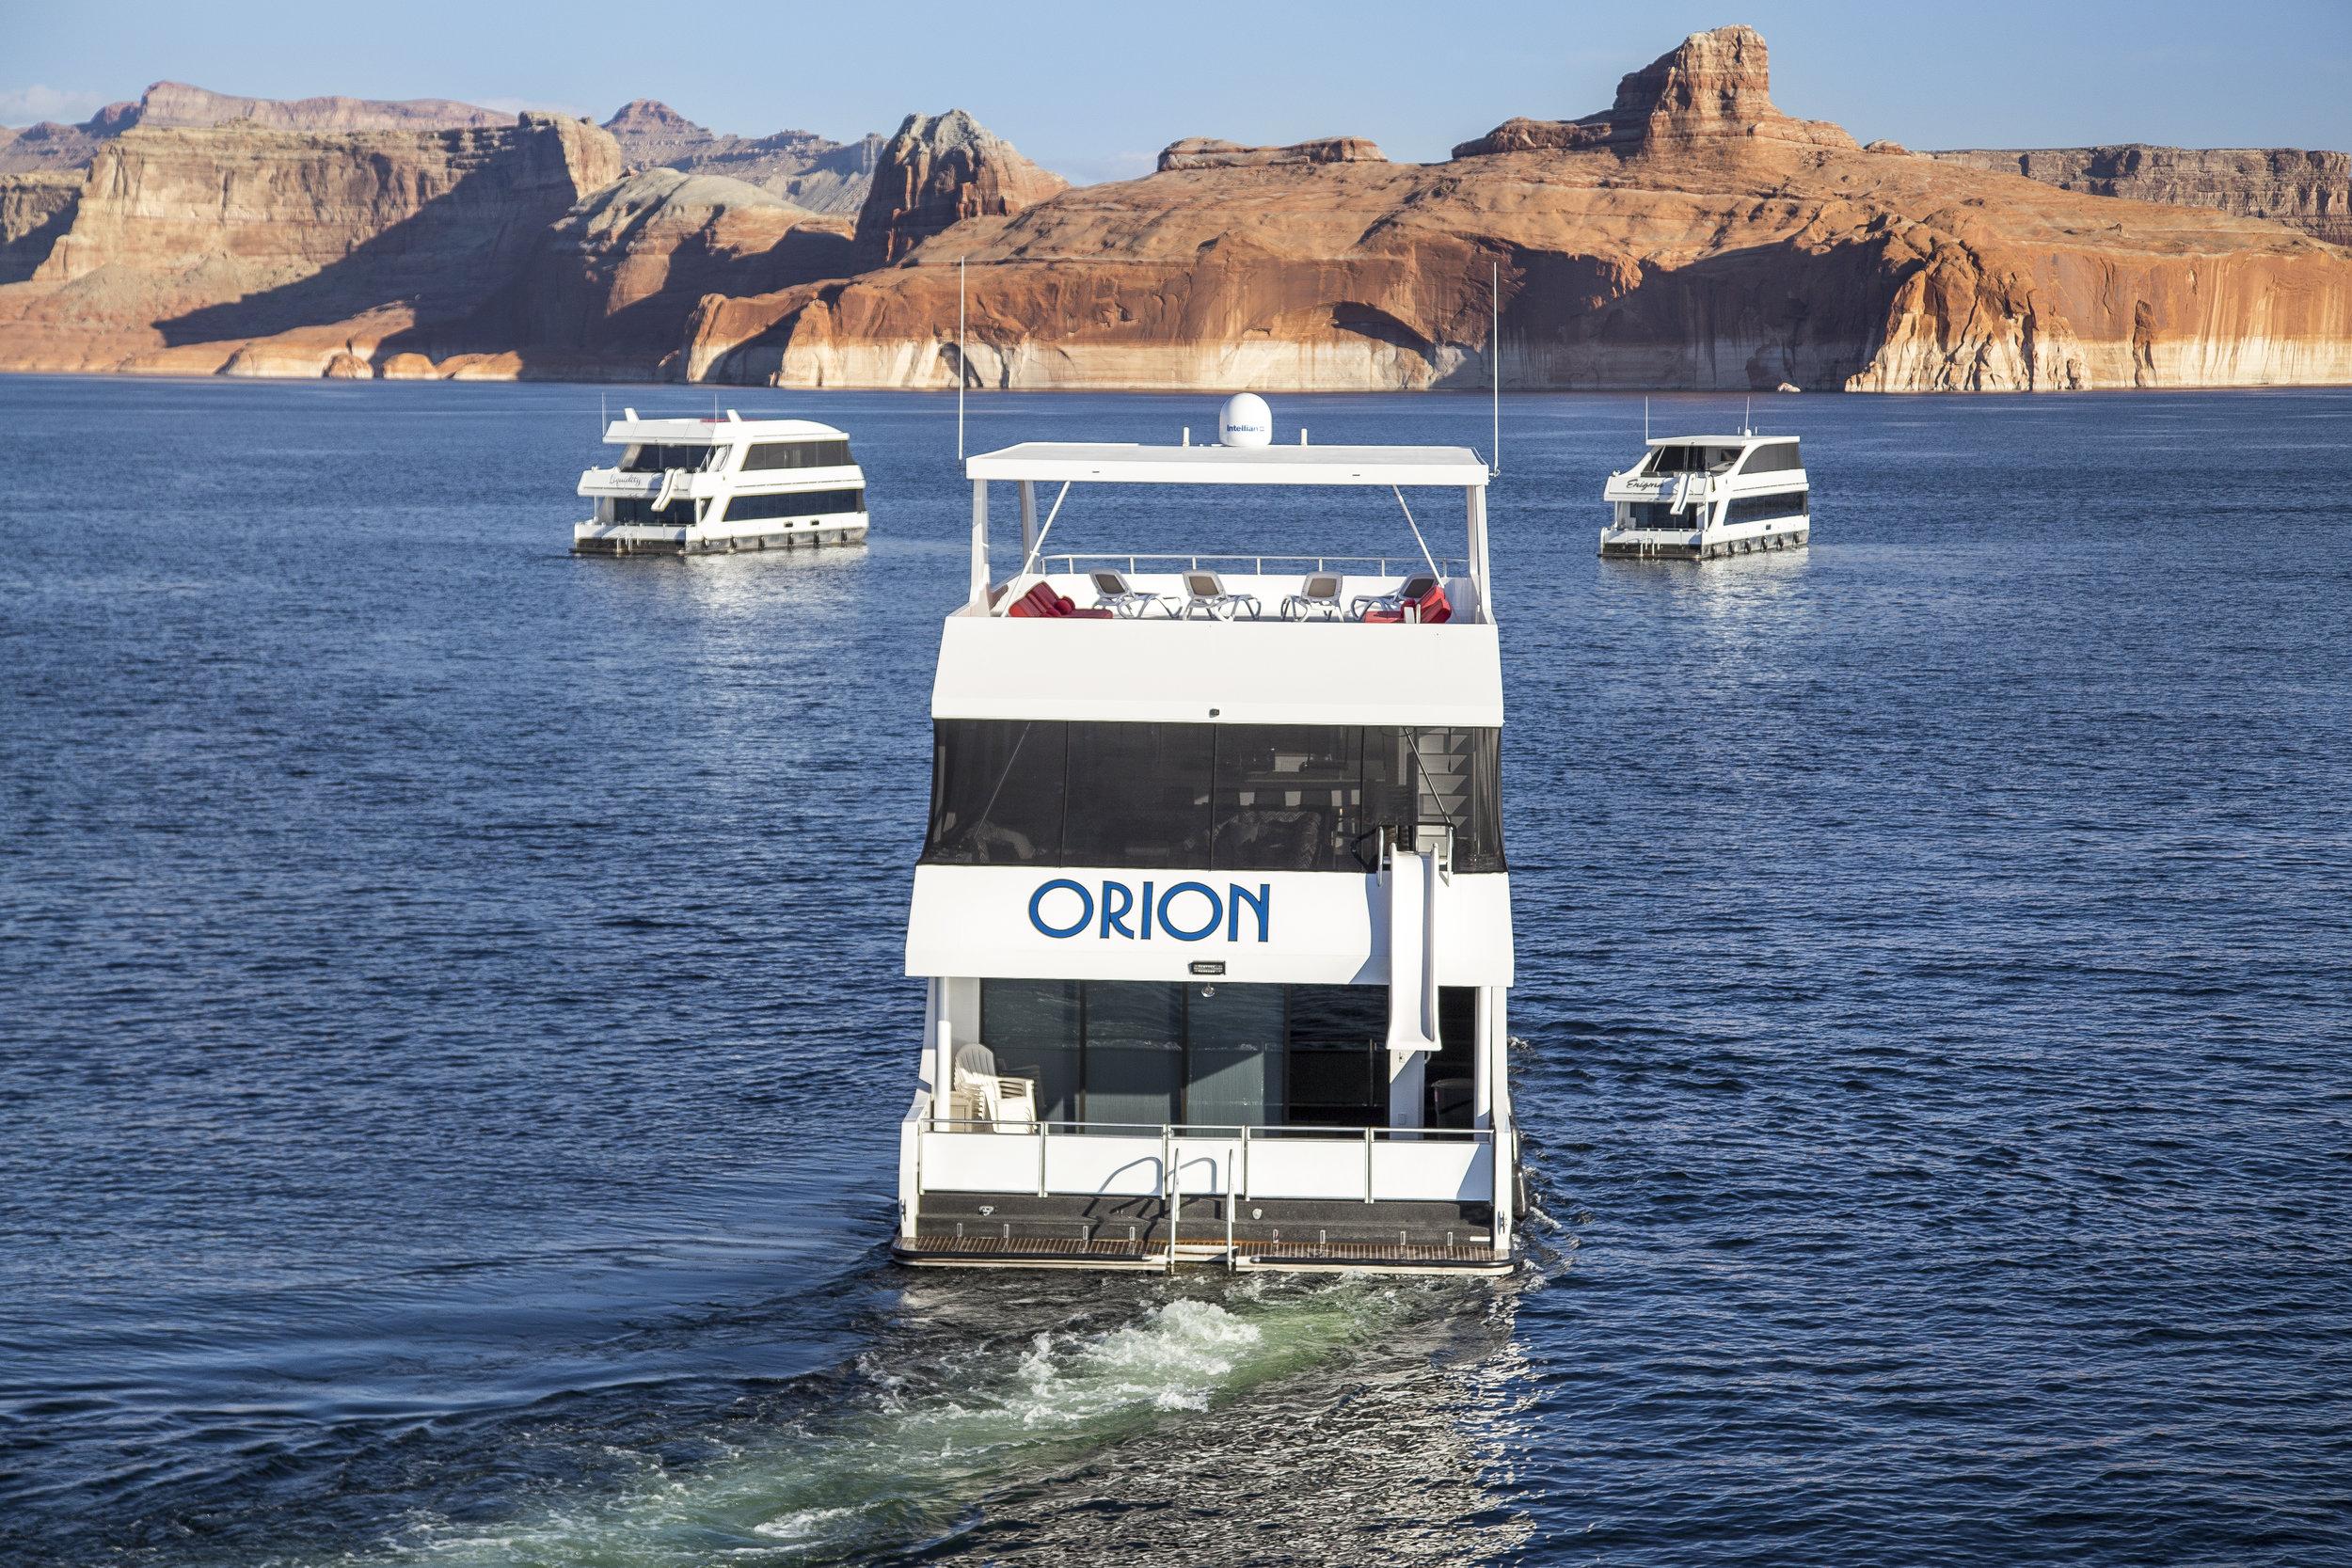 08_Orion Exterior8.jpg